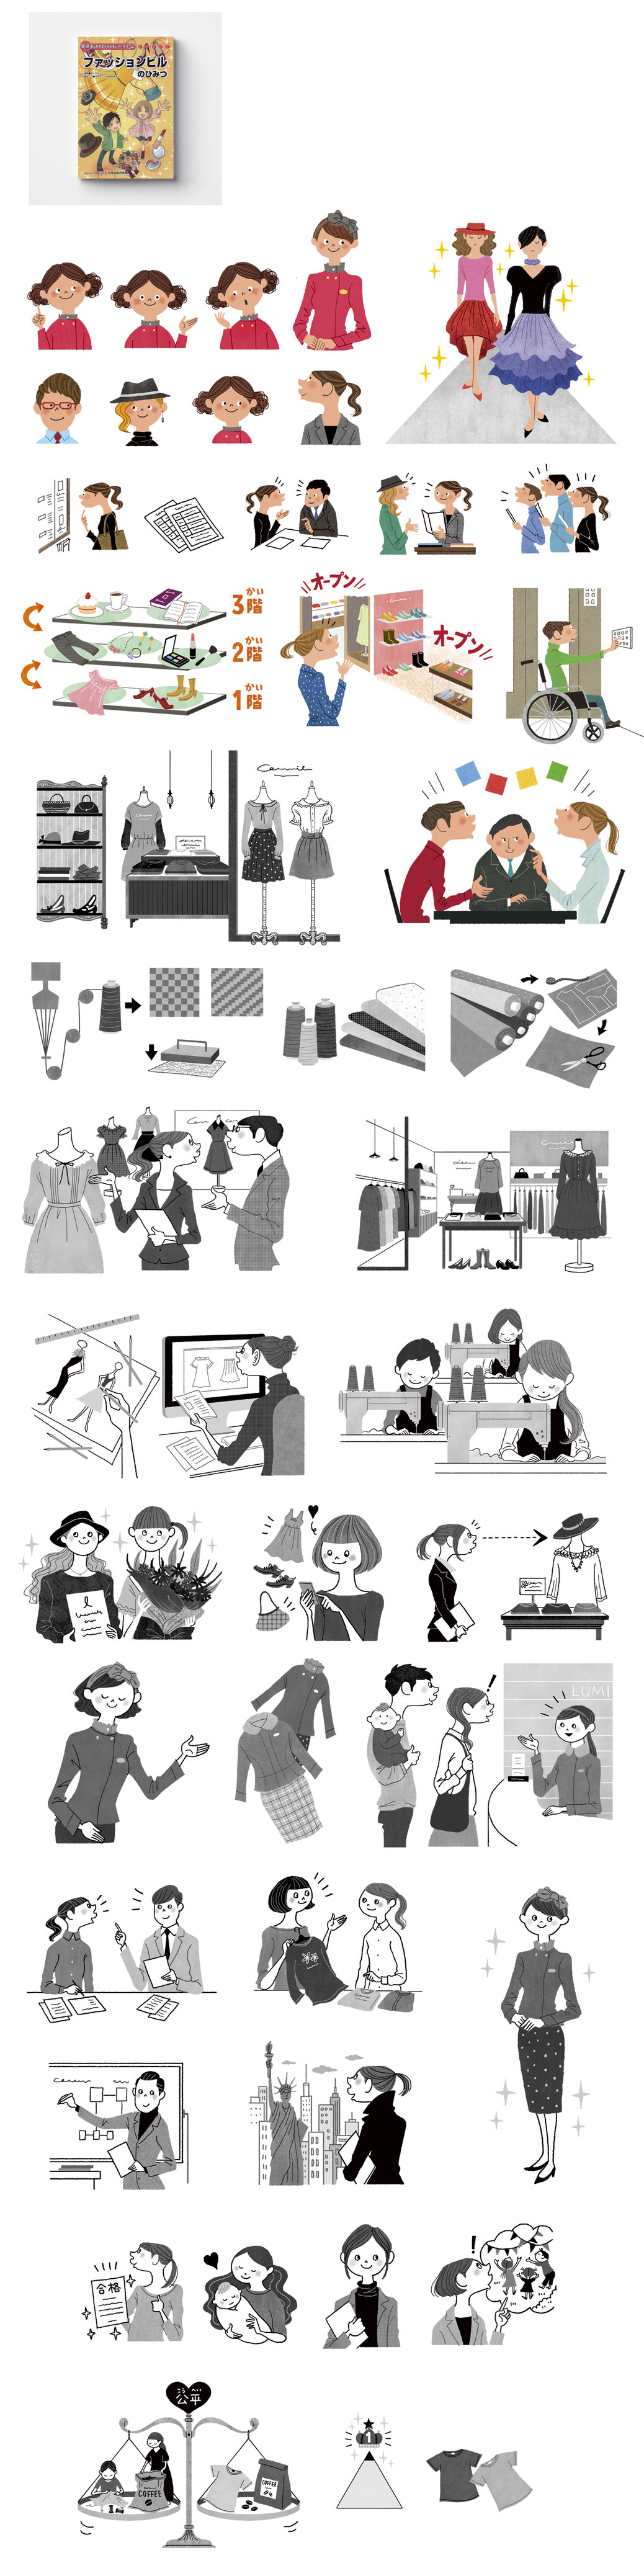 ファッションビルで働く人たちのイラスト